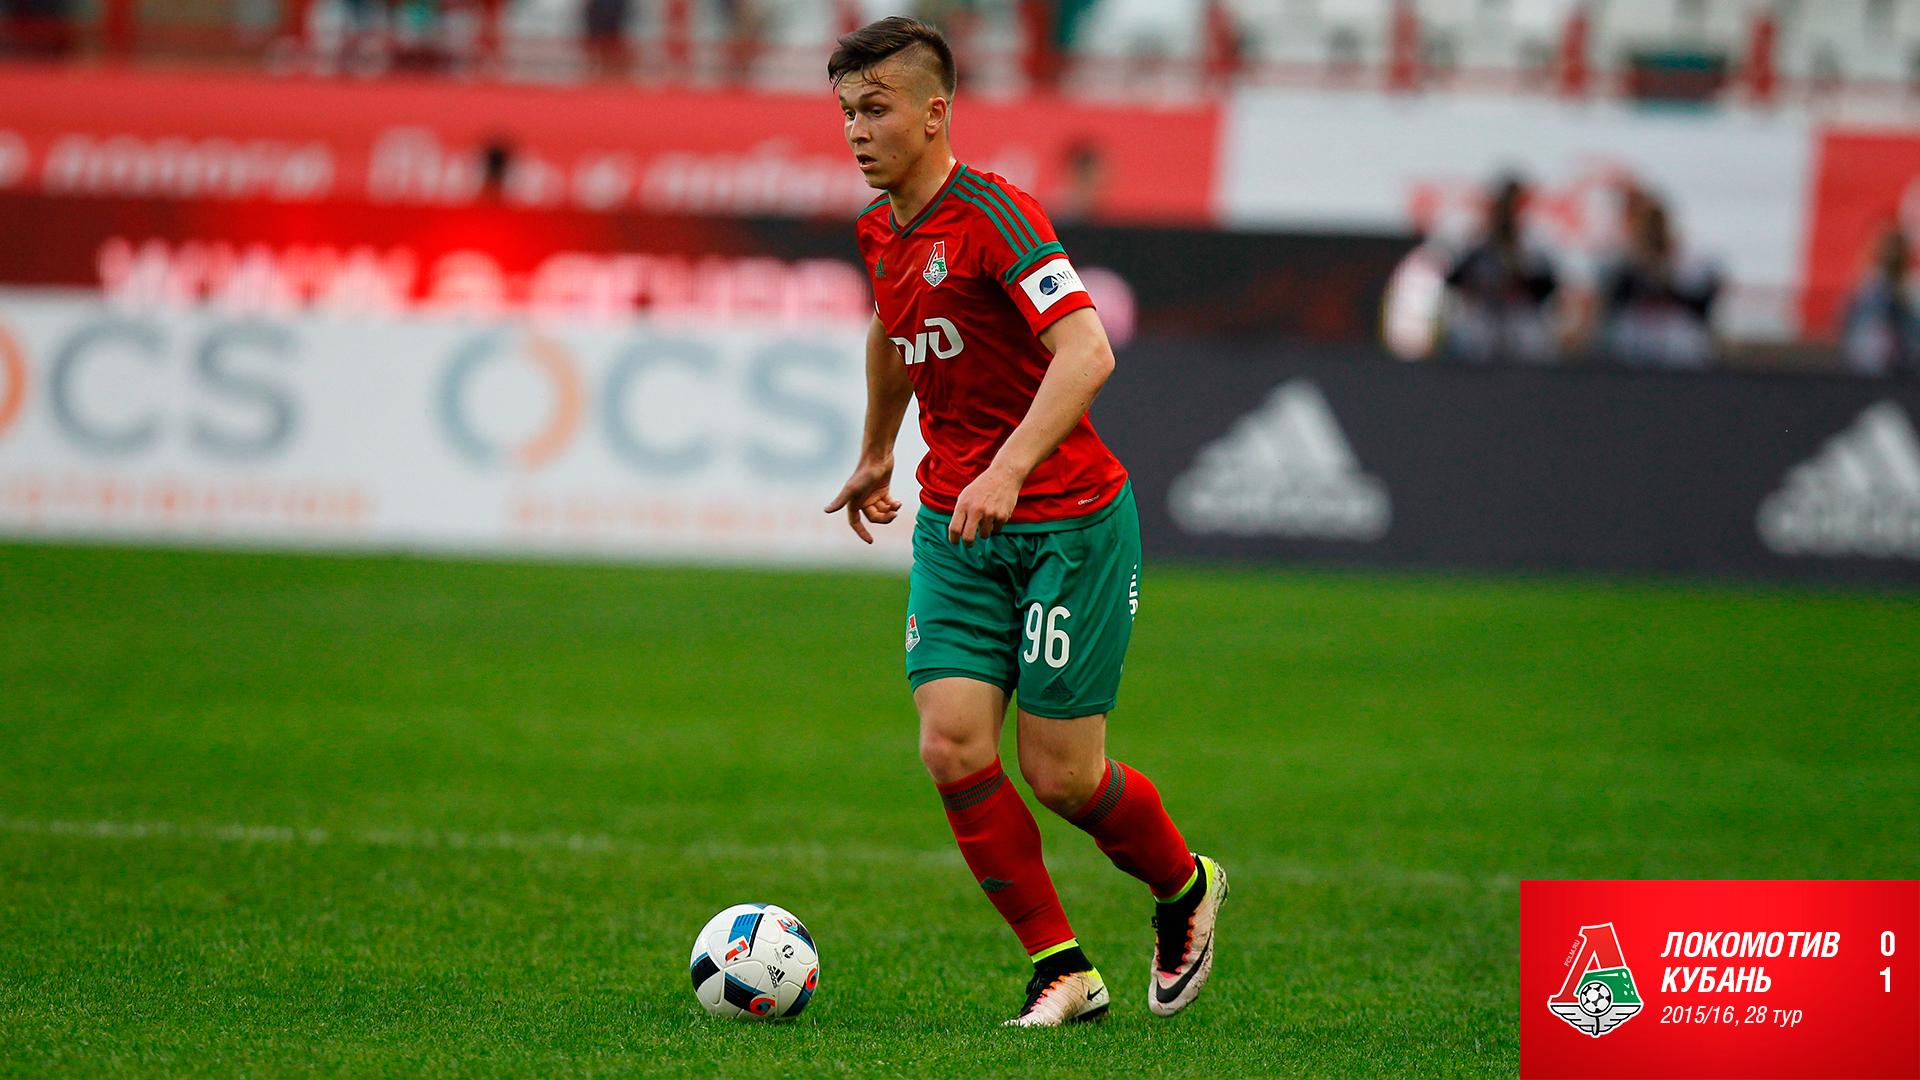 «Локомотив» - «Кубань» - 0:1